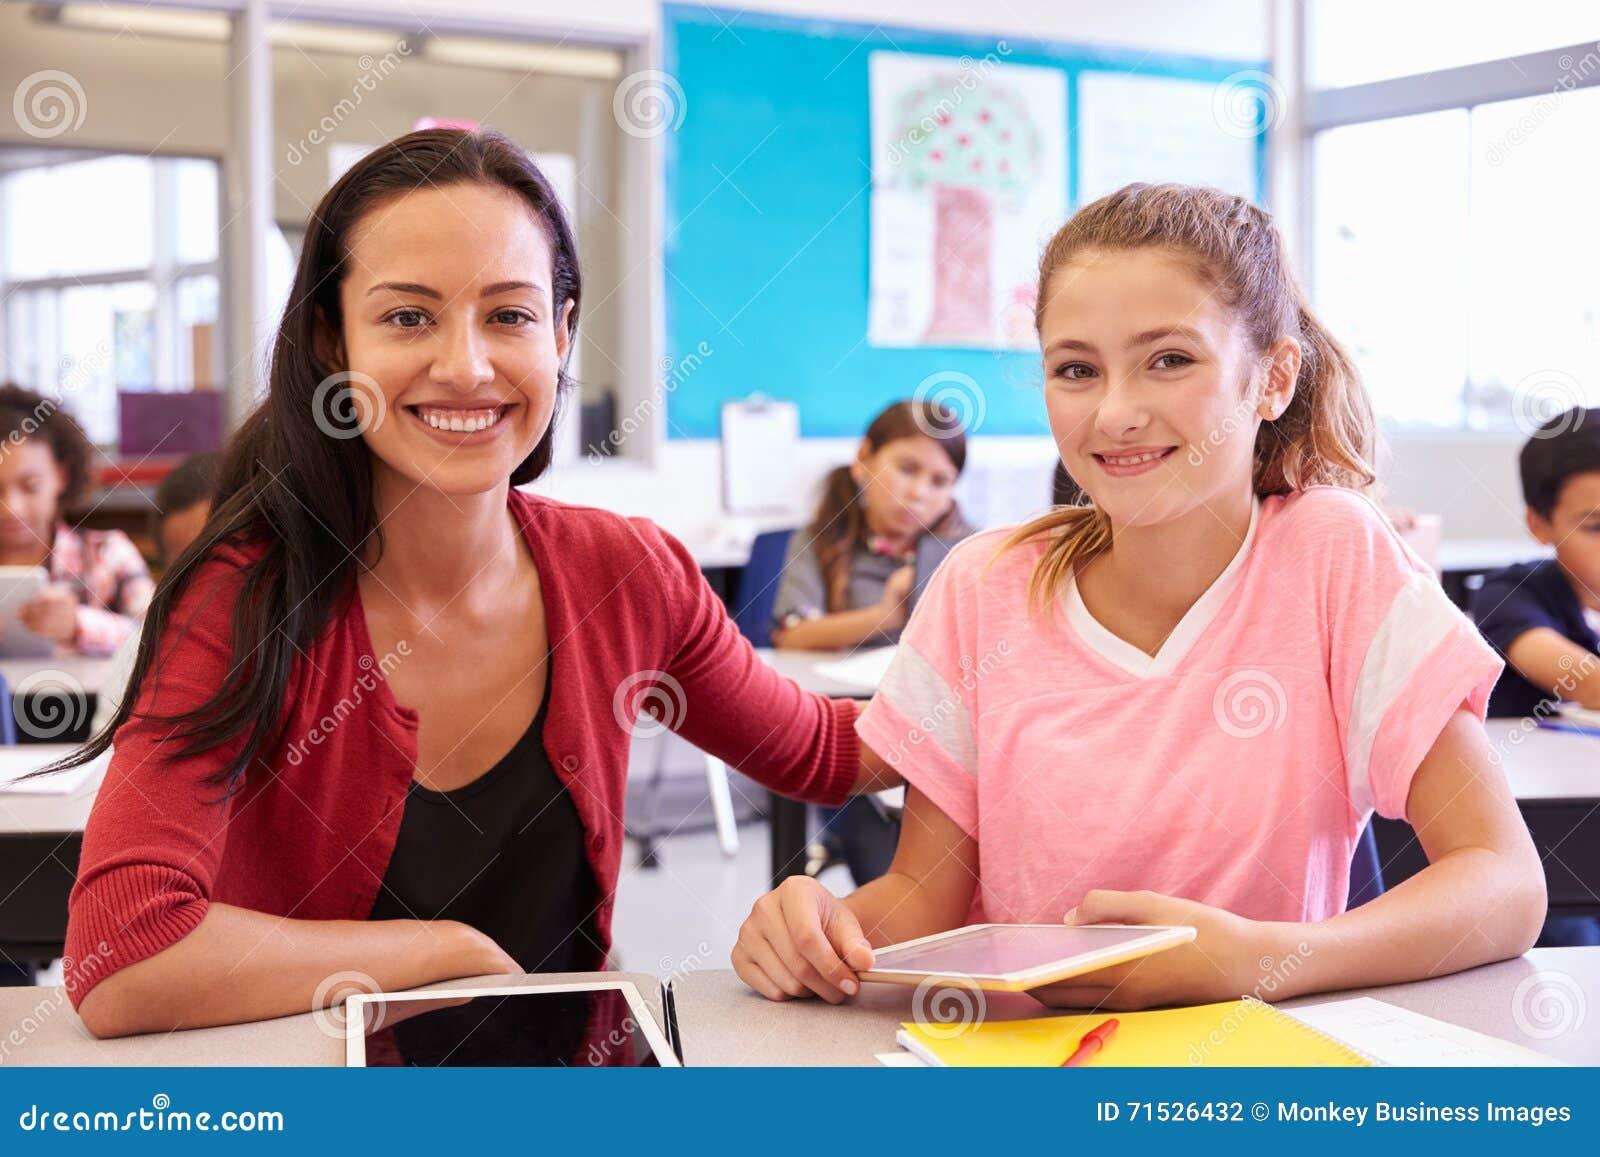 portrait de professeur avec la fille d 39 cole primaire son bureau photo stock image 71526432. Black Bedroom Furniture Sets. Home Design Ideas